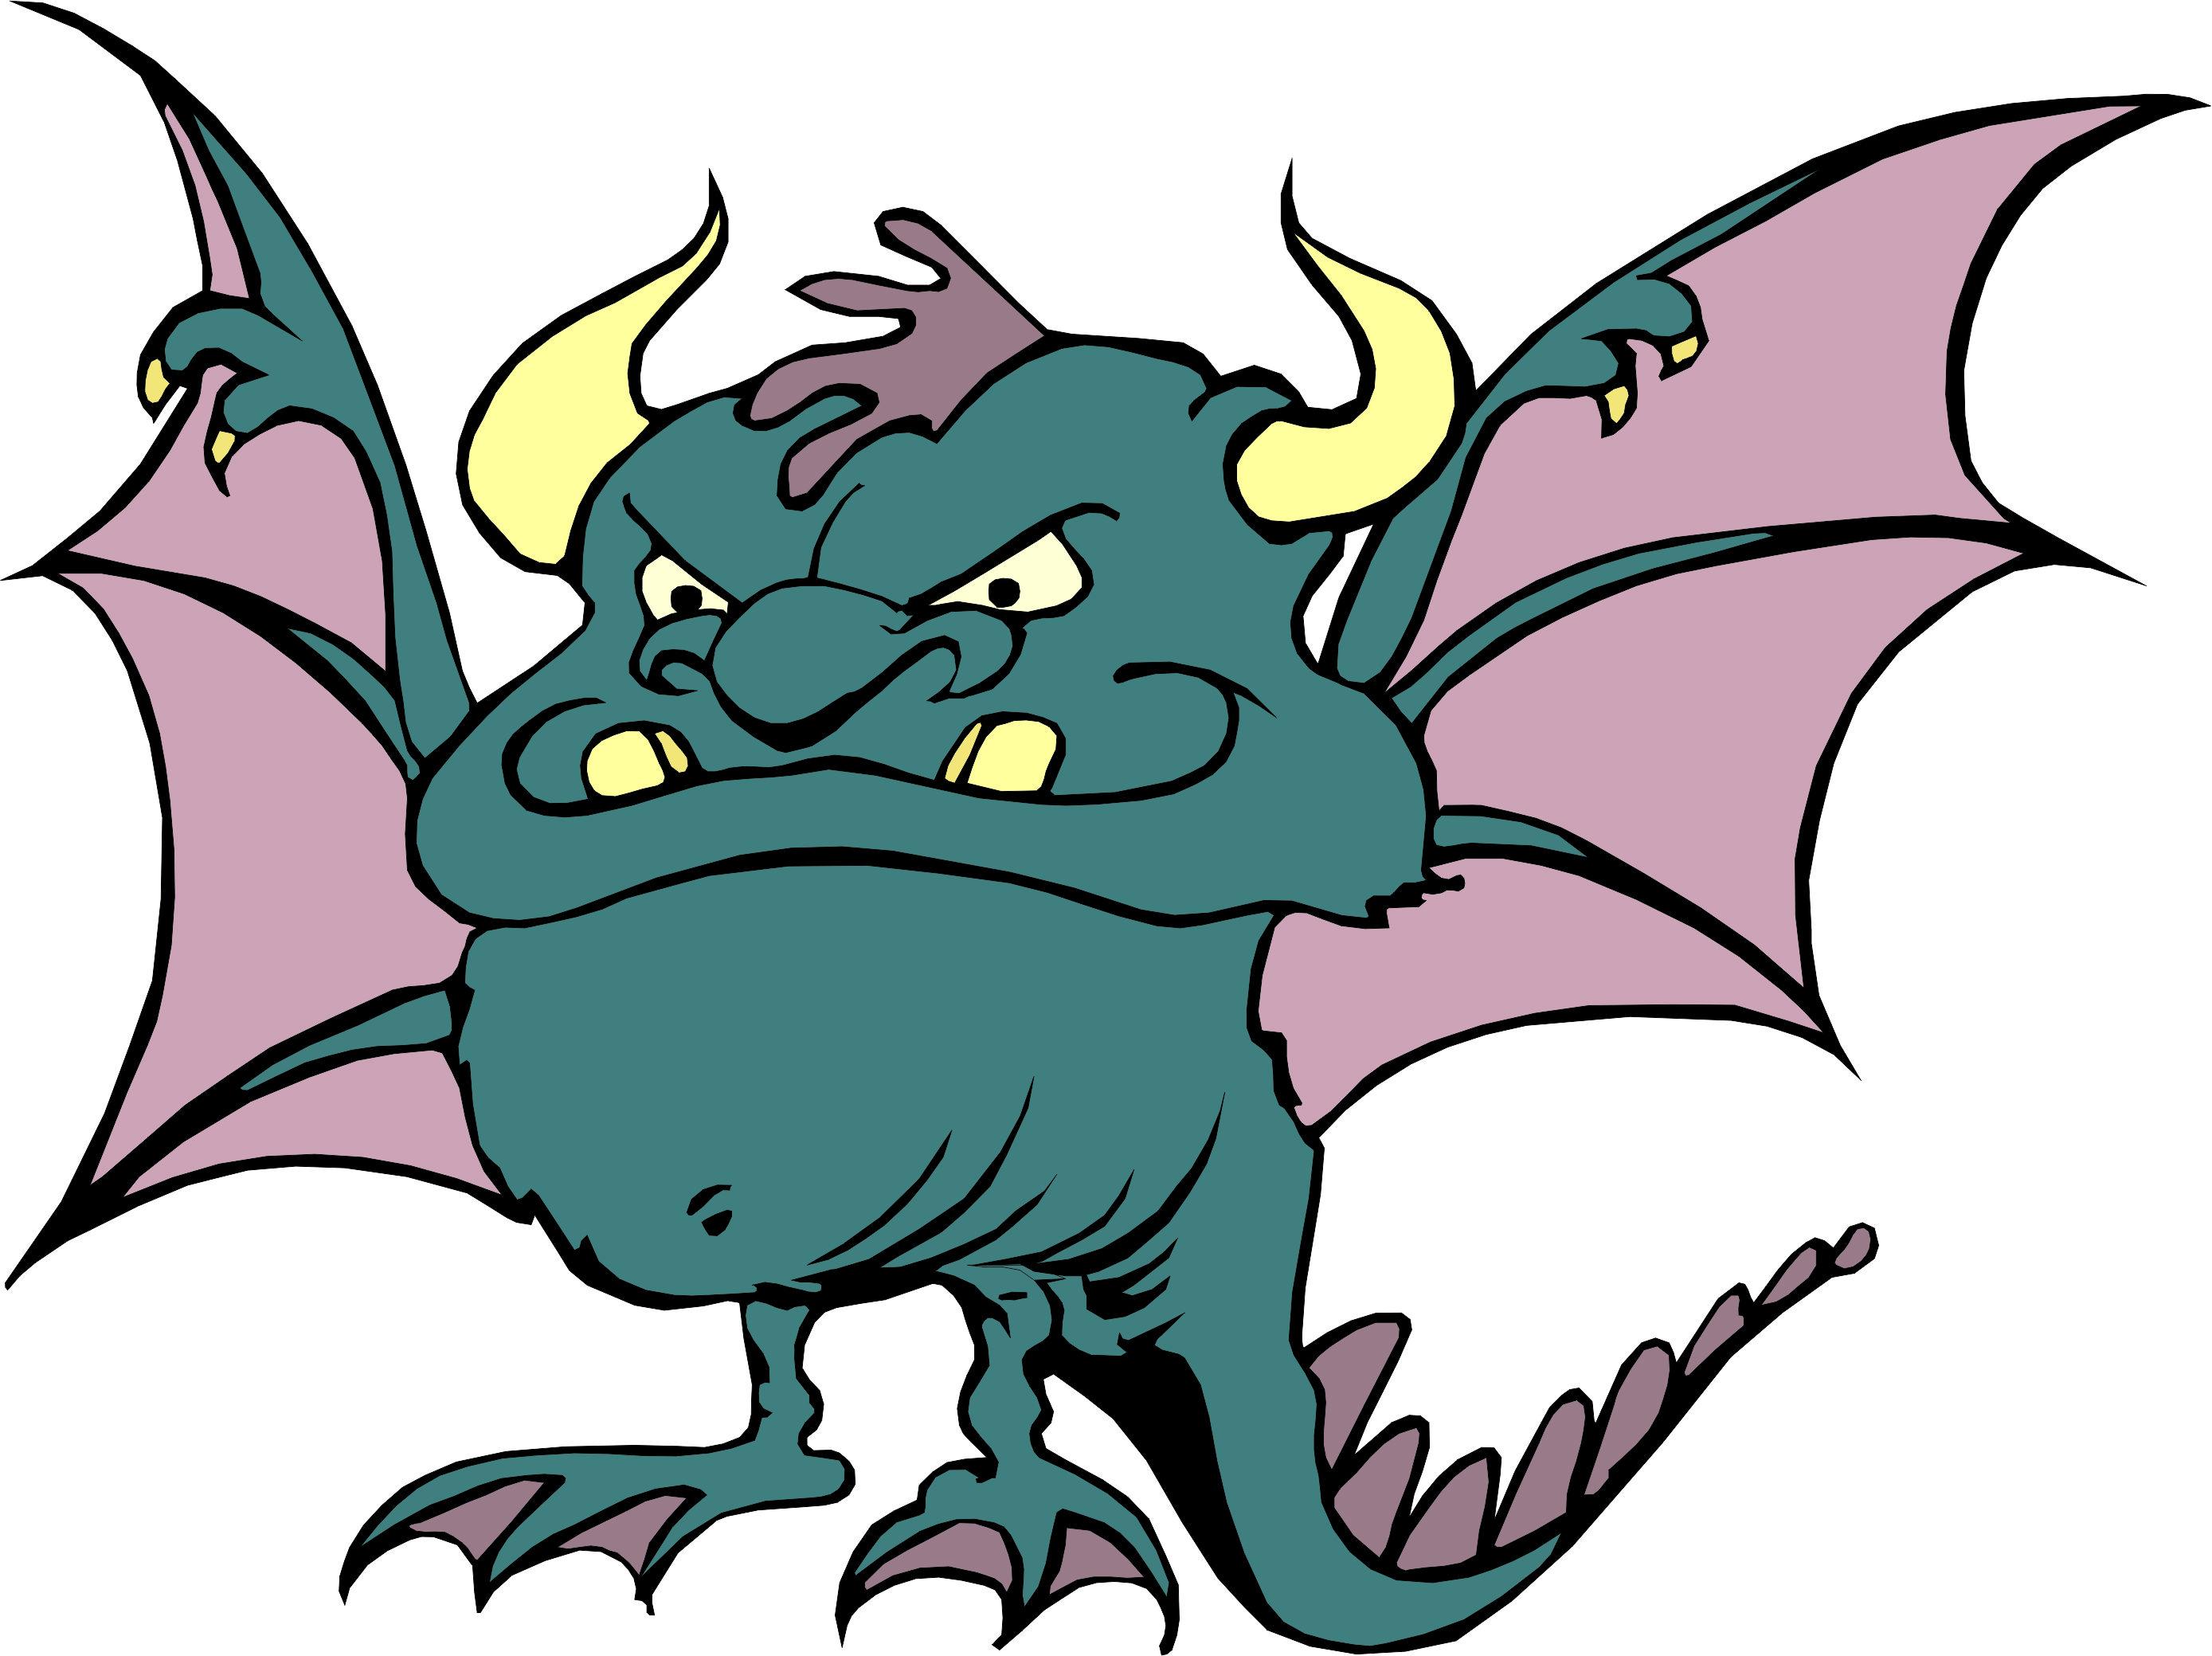 Weird Bat Mascot